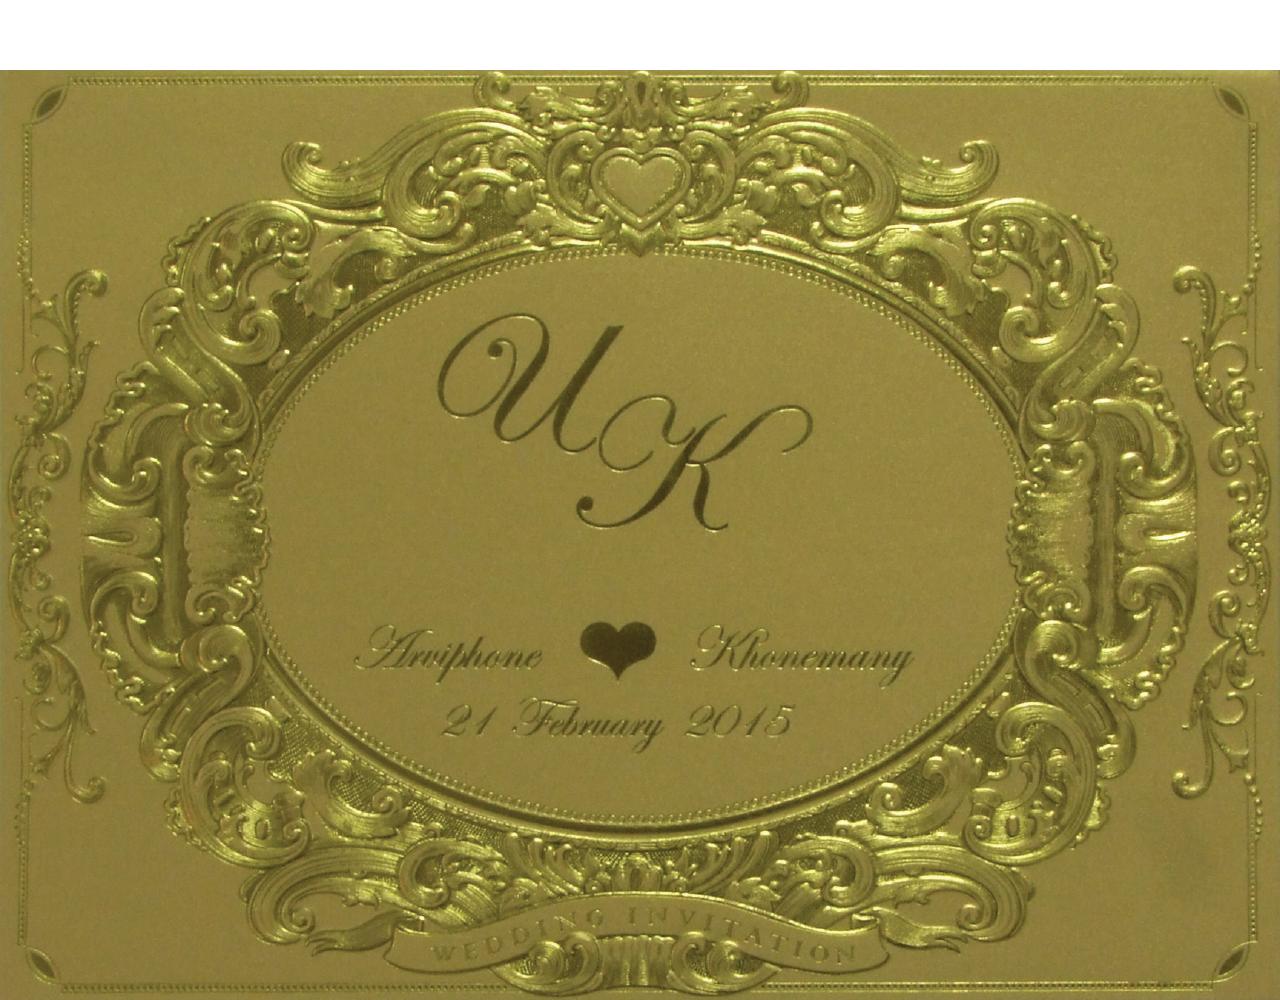 การ์ดแต่งงาน การ์ดเชิญแต่งงาน แบบหรู สีมุกทอง ลวดลายปั๊มนูน พิมพ์ทองเค Wedding 15.3 x 21.3 cm SP 5819 Gold